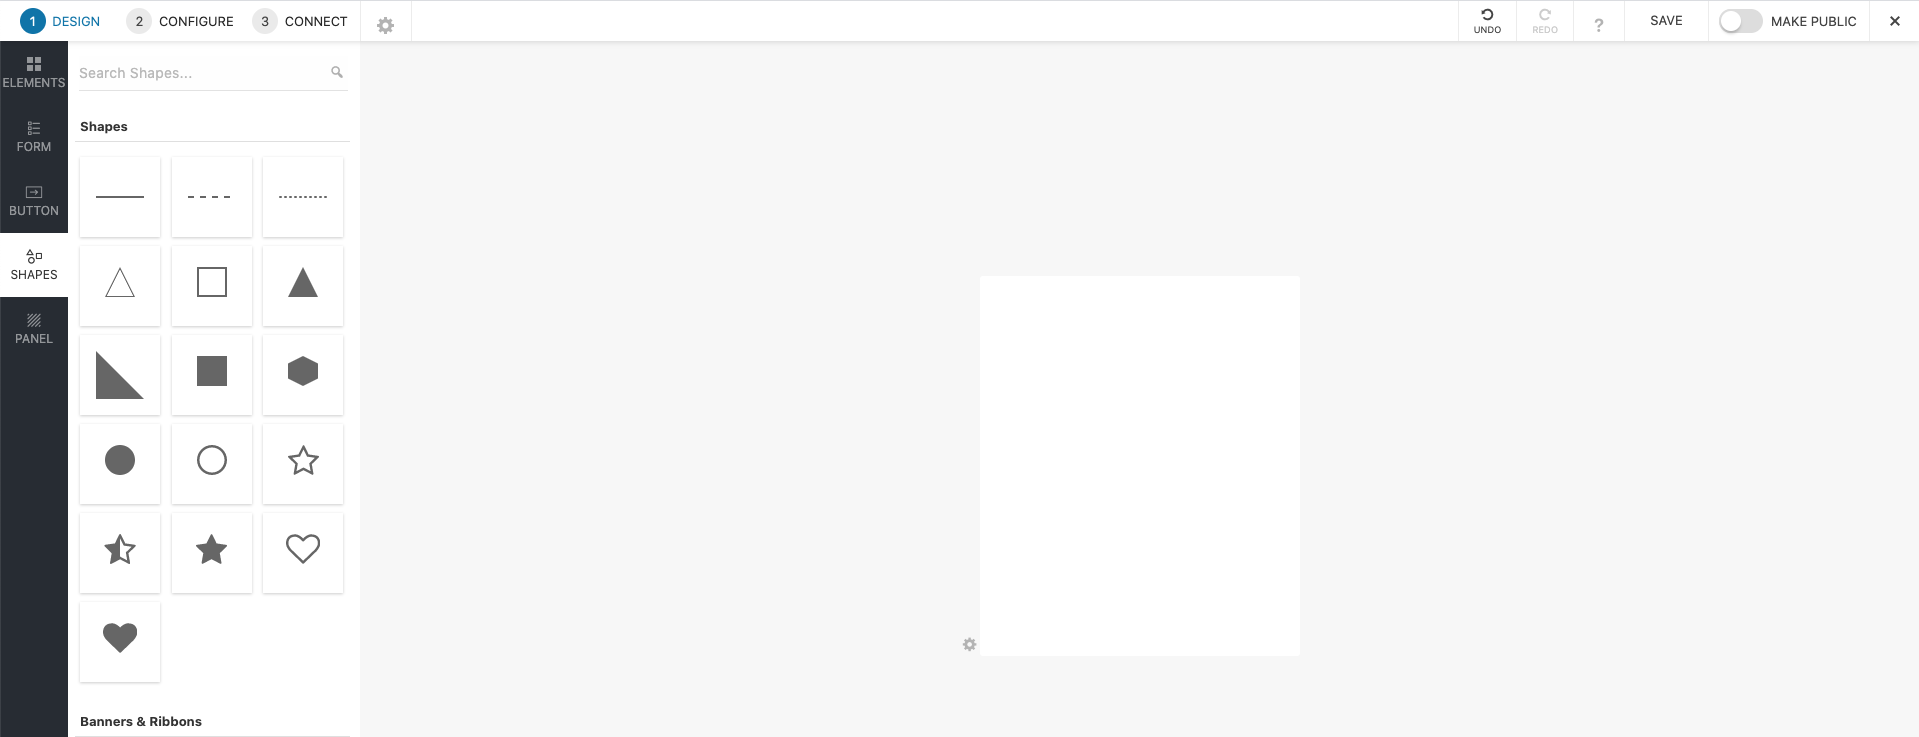 imagen de convert pro/shapes